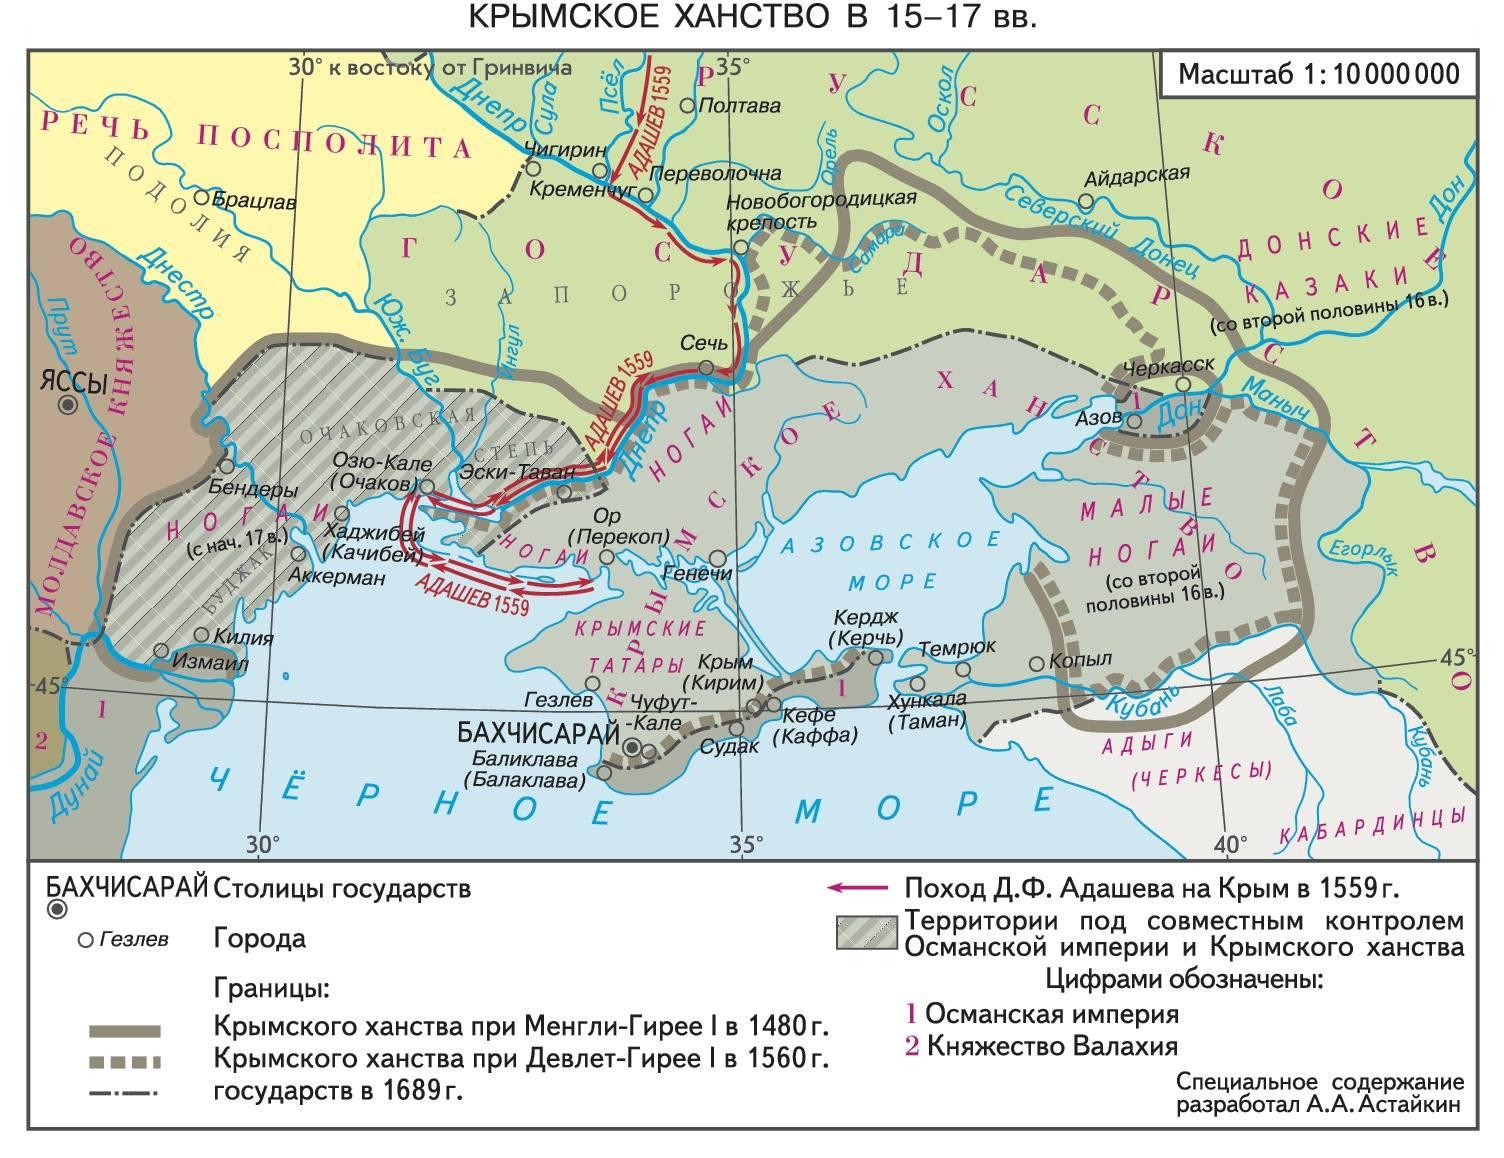 Крымское ханство осколок Золотой Орды